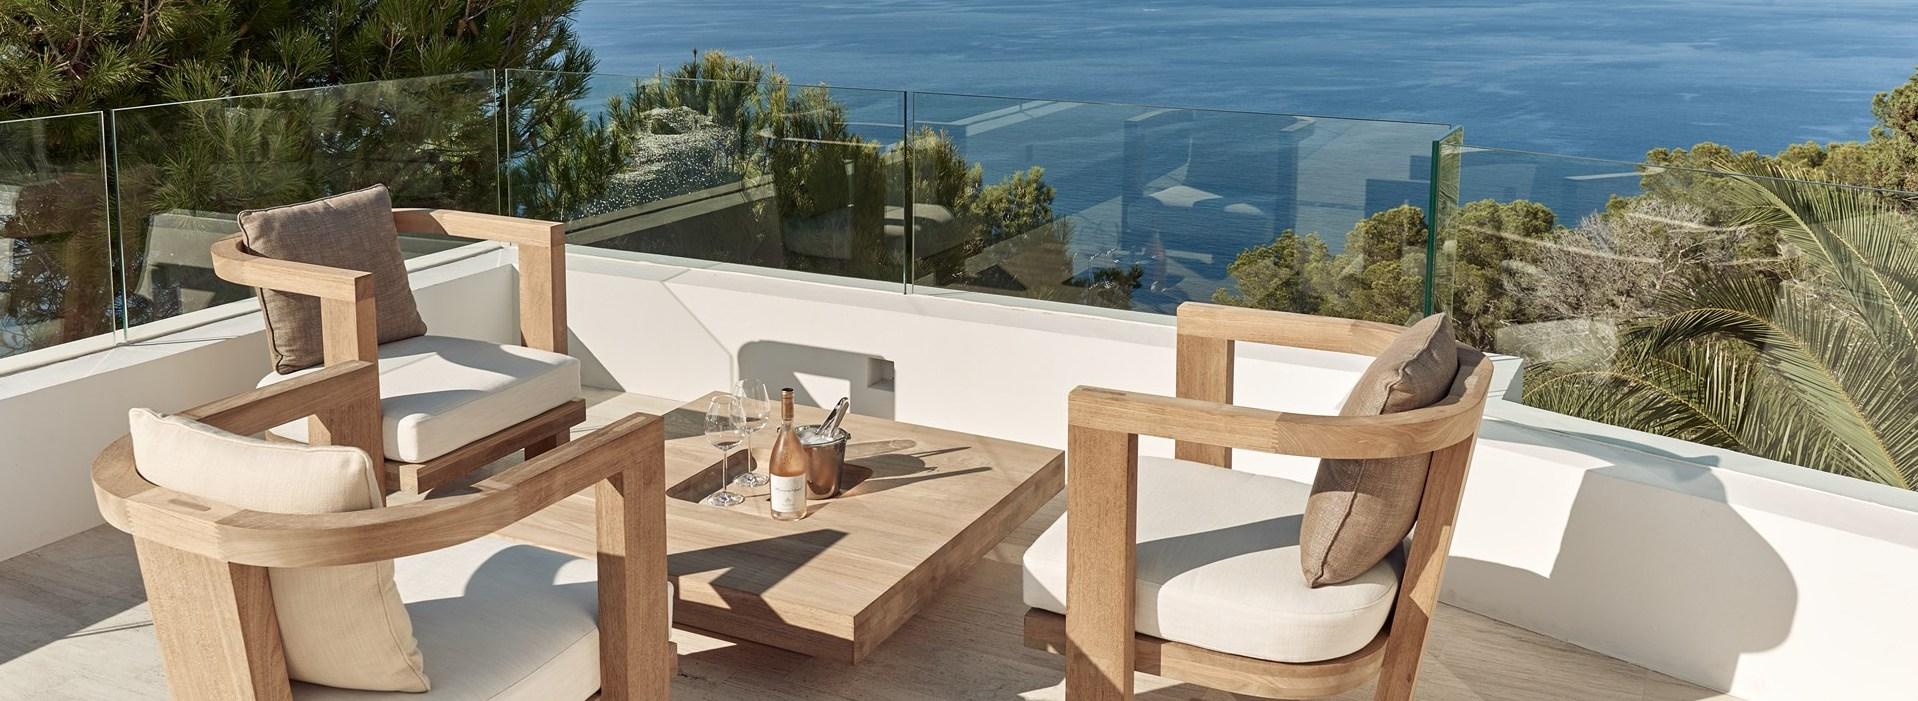 villa-can-castello-sea-view-terrace